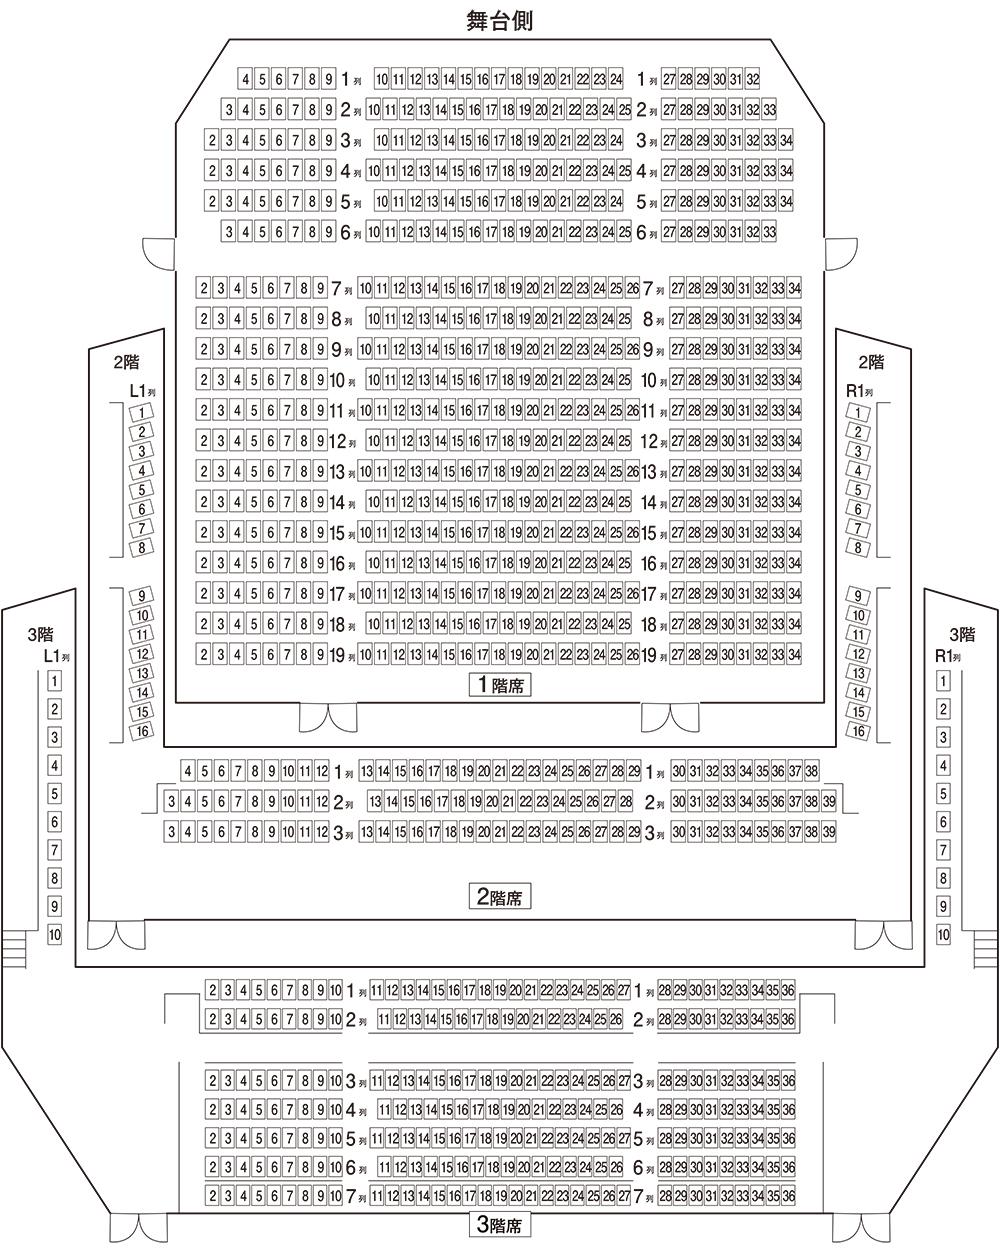 ホール座席表 画像